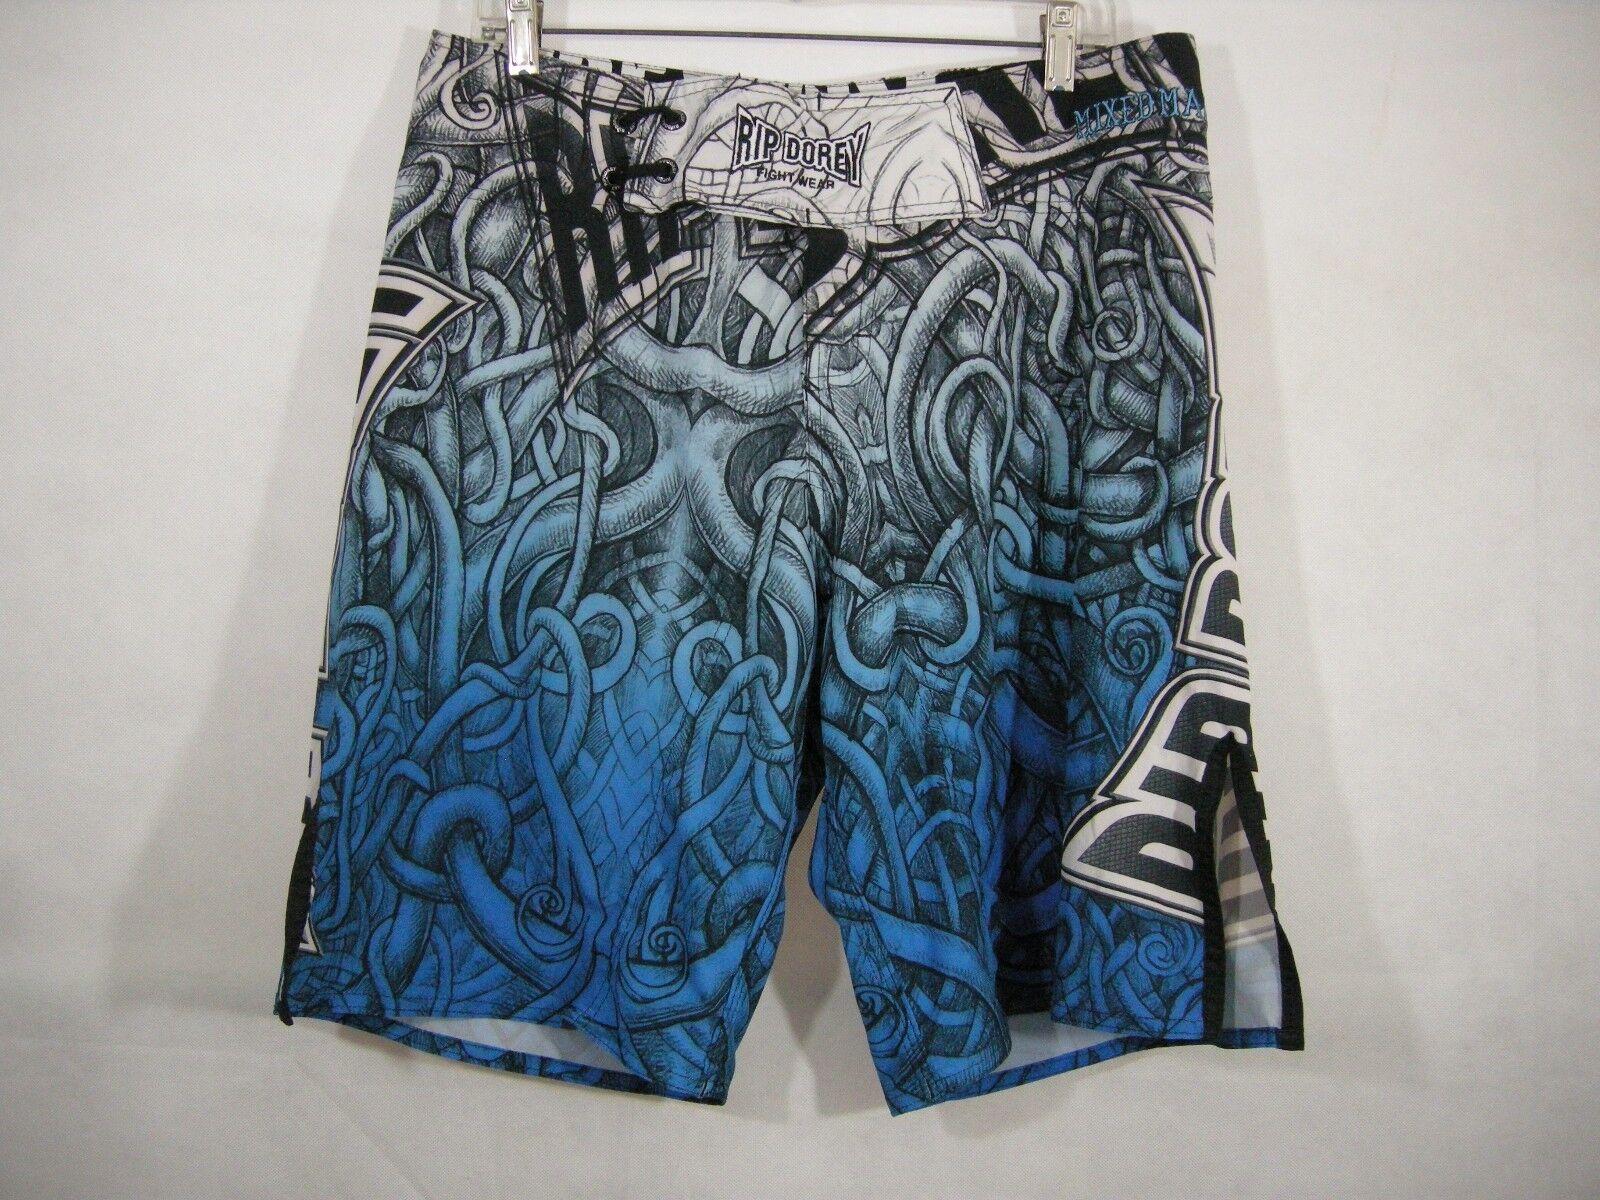 Shorts MMA  Fightwear Rip Dorey Brazilian bluee 34W Mixed Martial Arts Fight Wear  online sale